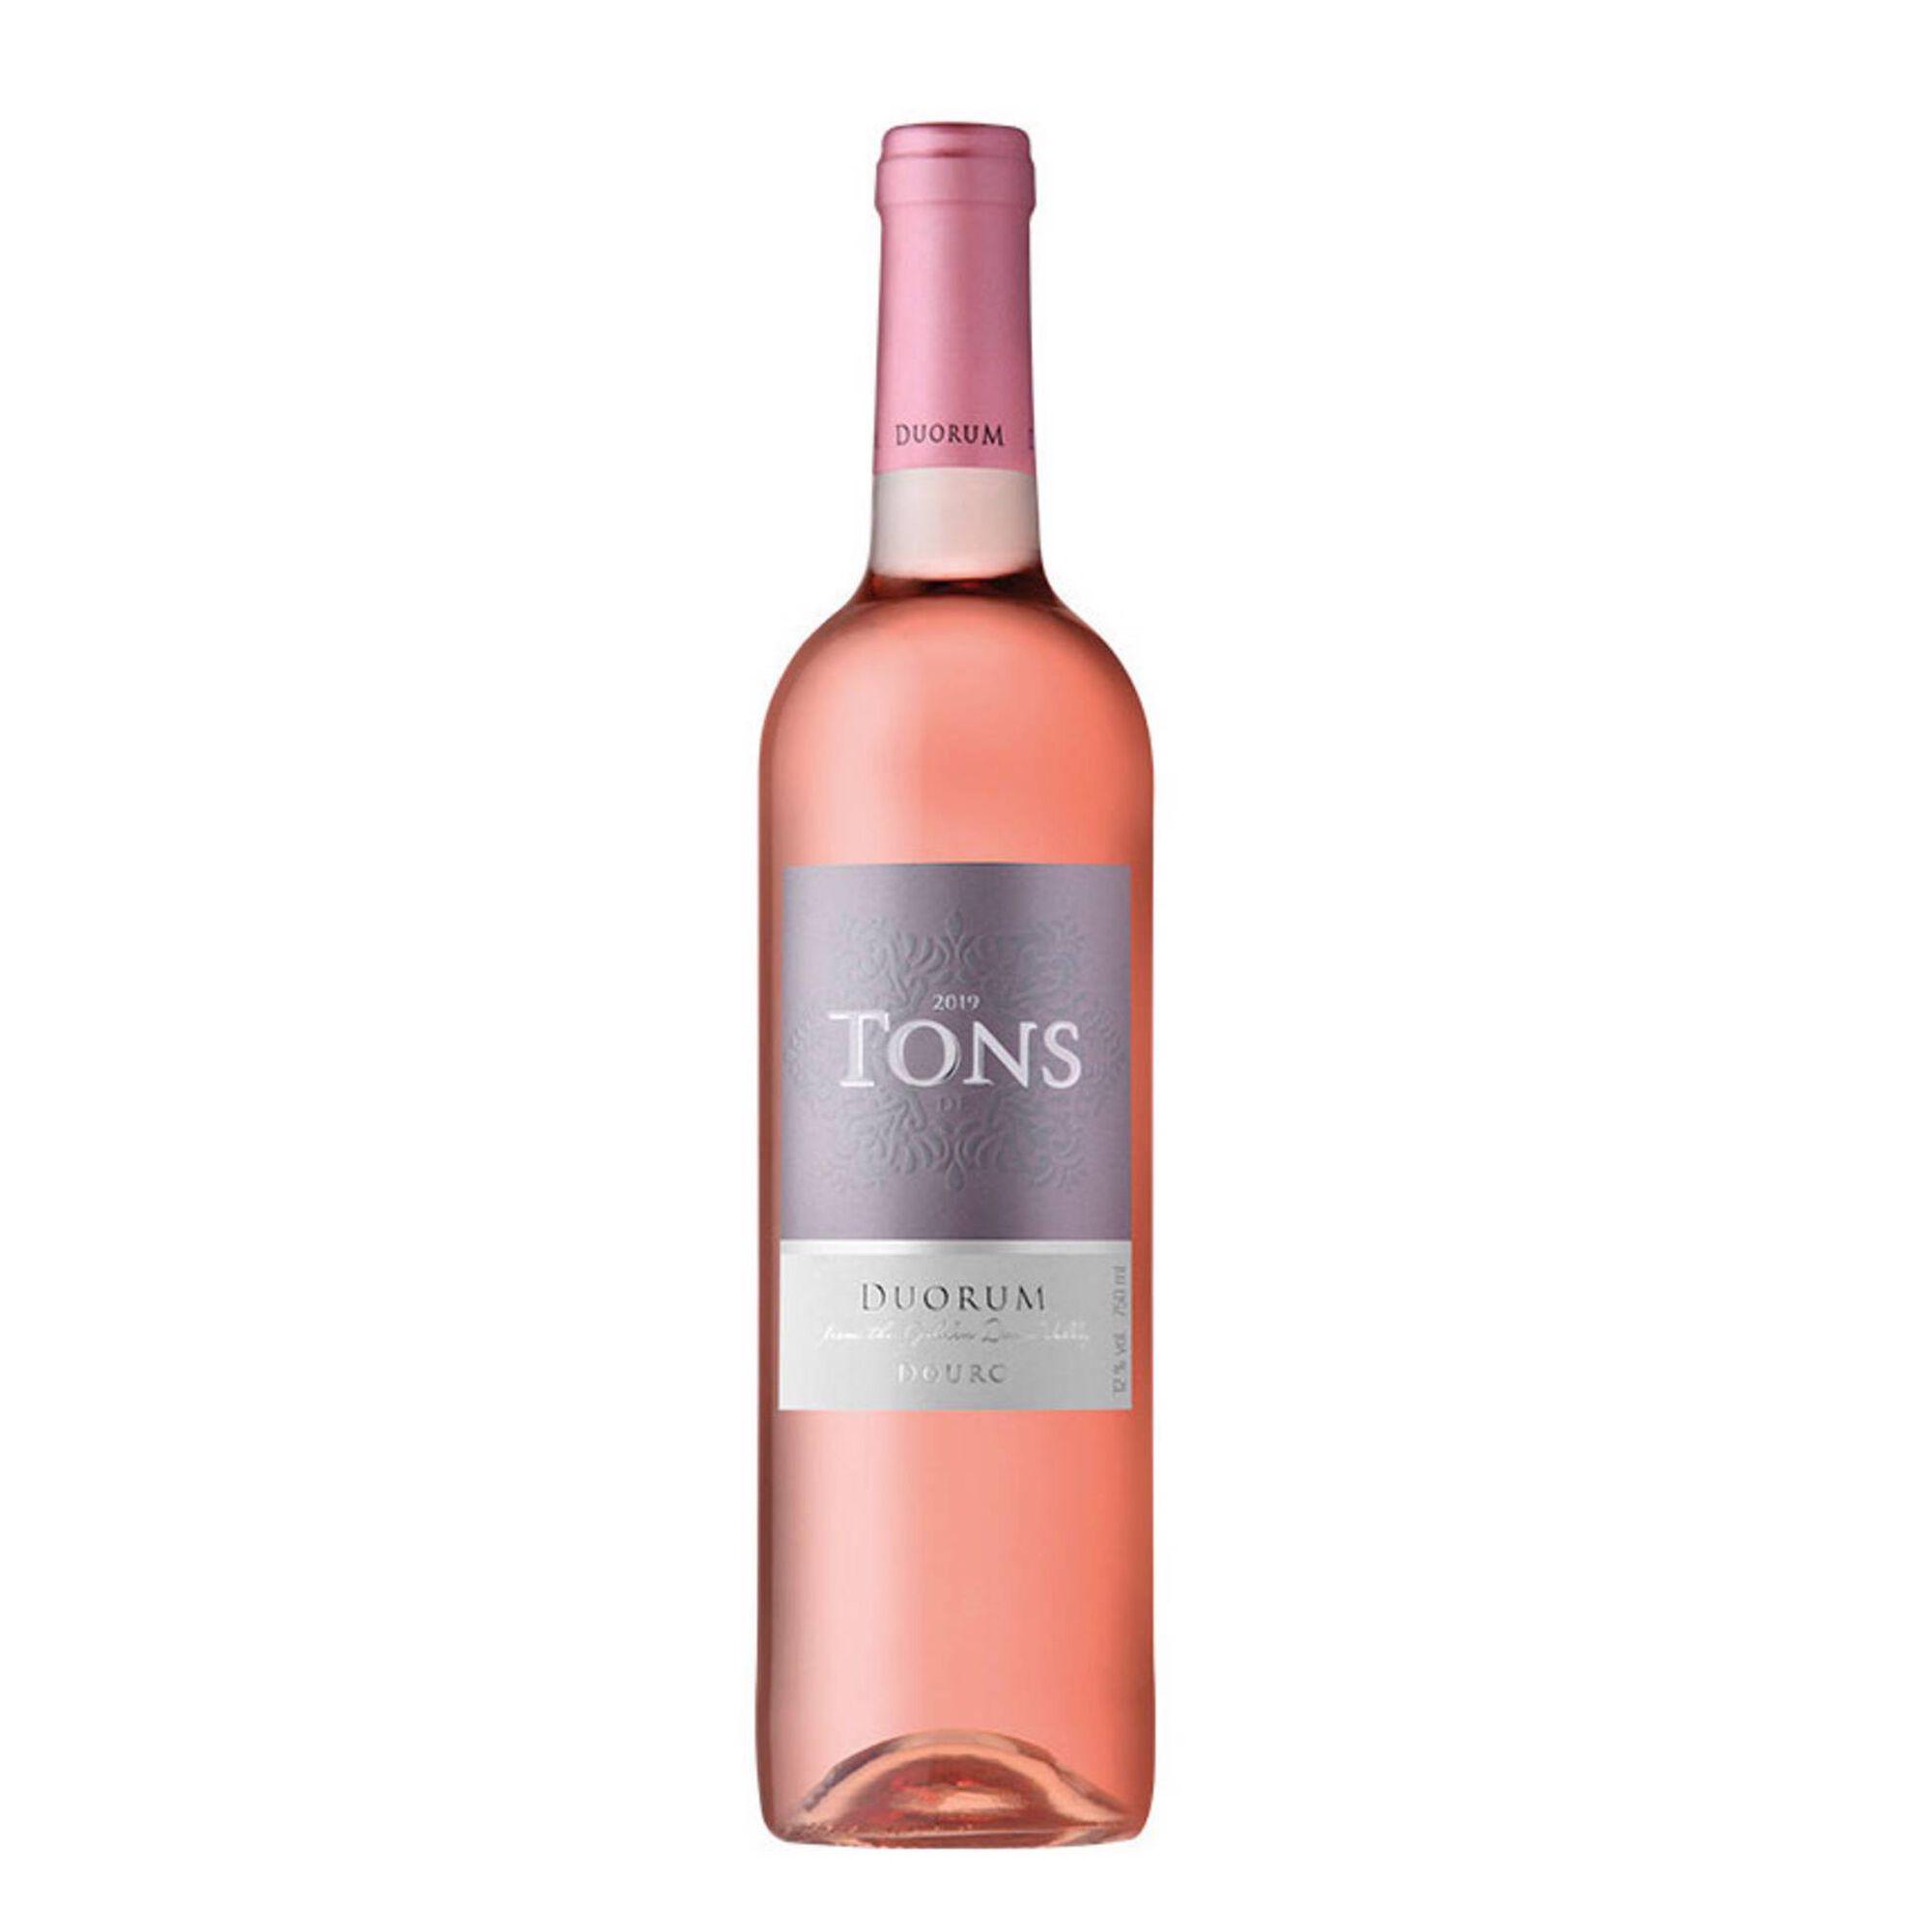 Tons de Duorum DOC Douro Vinho Rosé